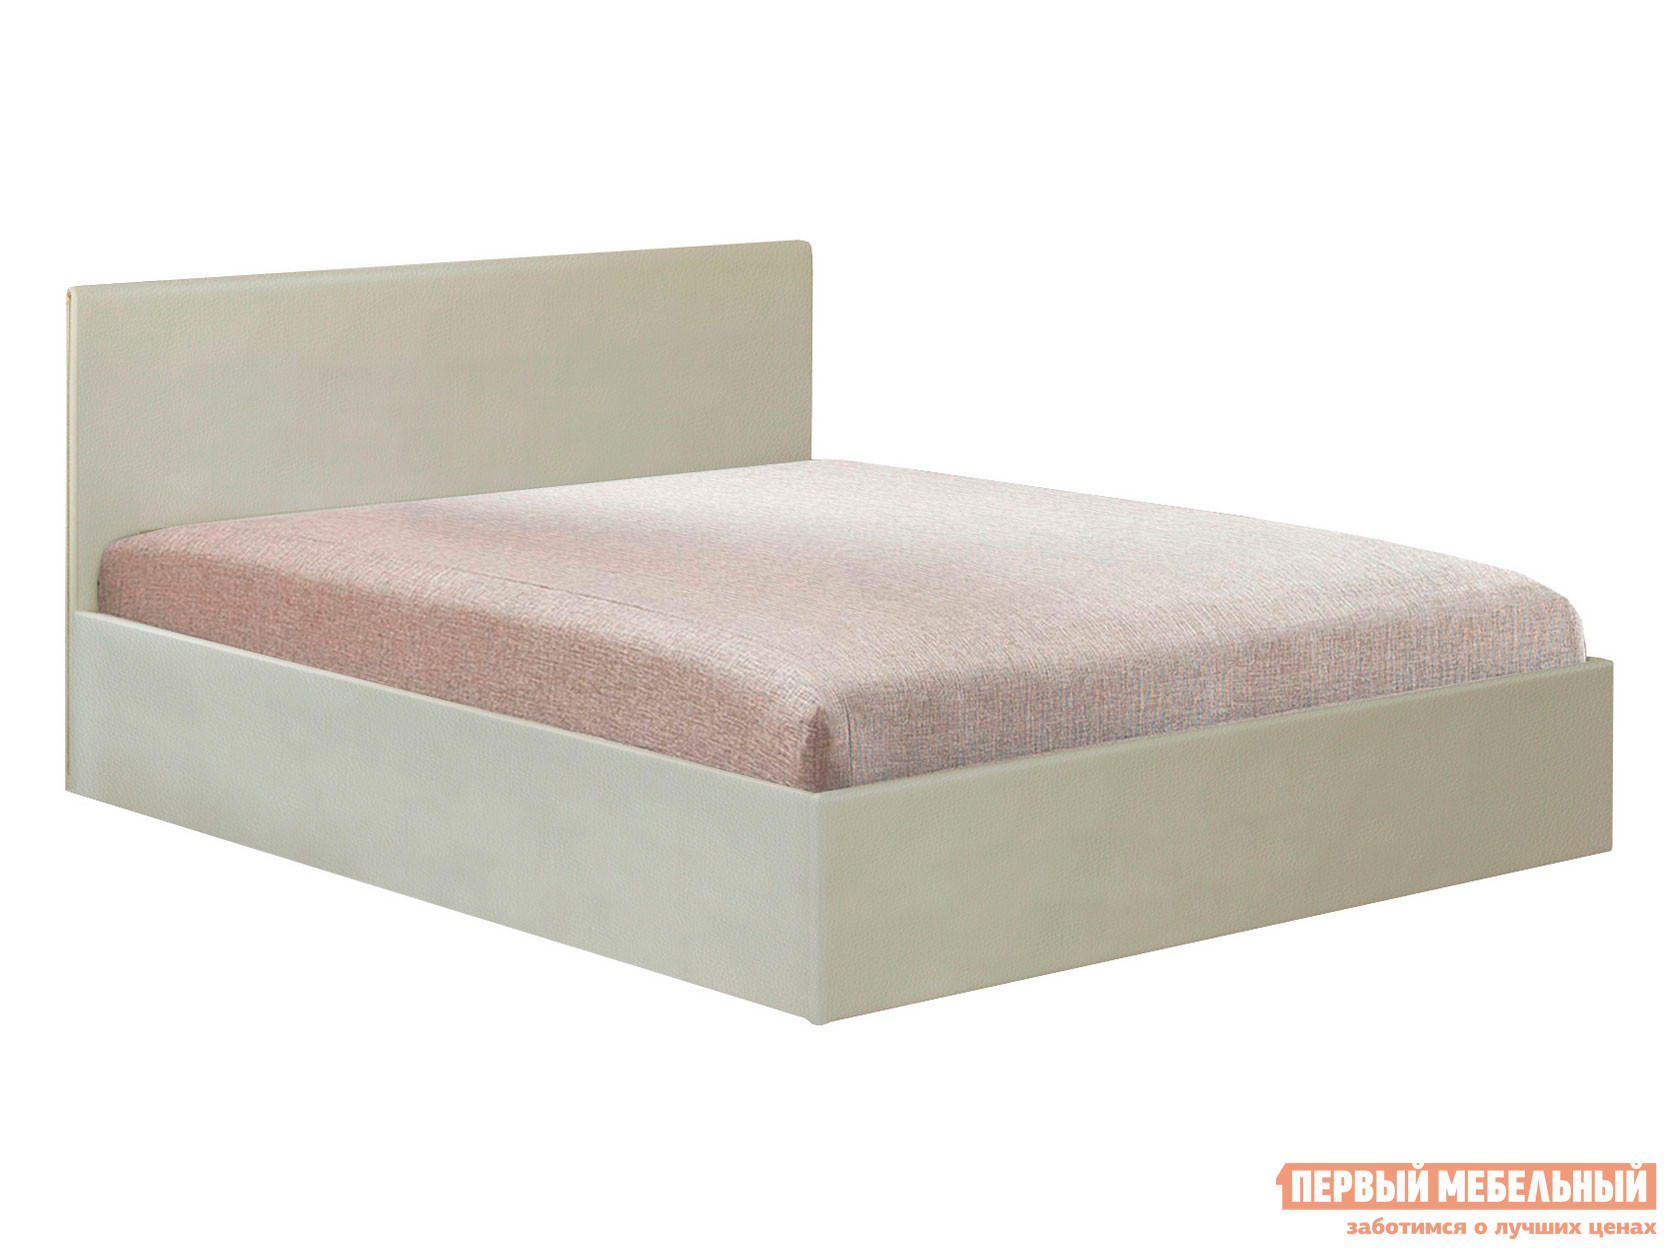 Кровать с подъемным механизмом Боровичи Кровать с подъёмным механизмом